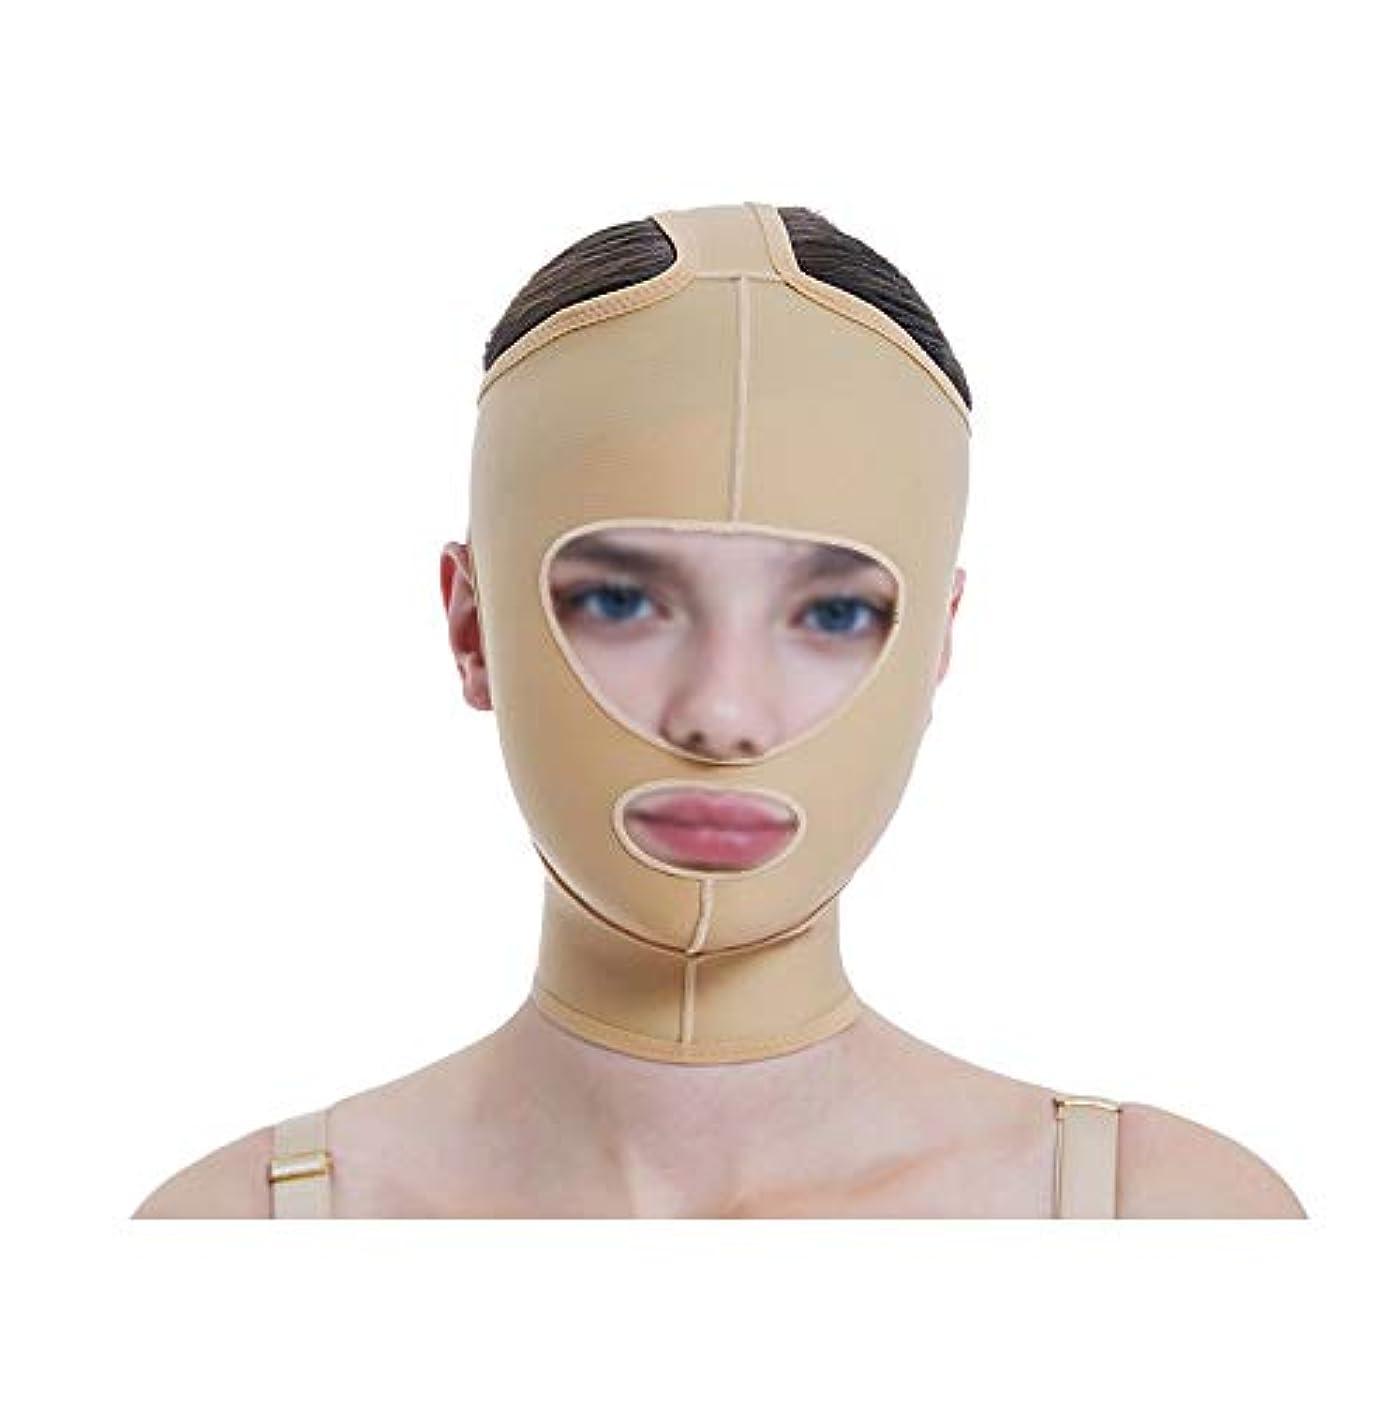 TLMY 顔と首のリフト痩身マスクの顔の彫刻の顔の弾性スーツ薄い二重あごのアーティファクトV顔のビーム表面 顔用整形マスク (Size : S)